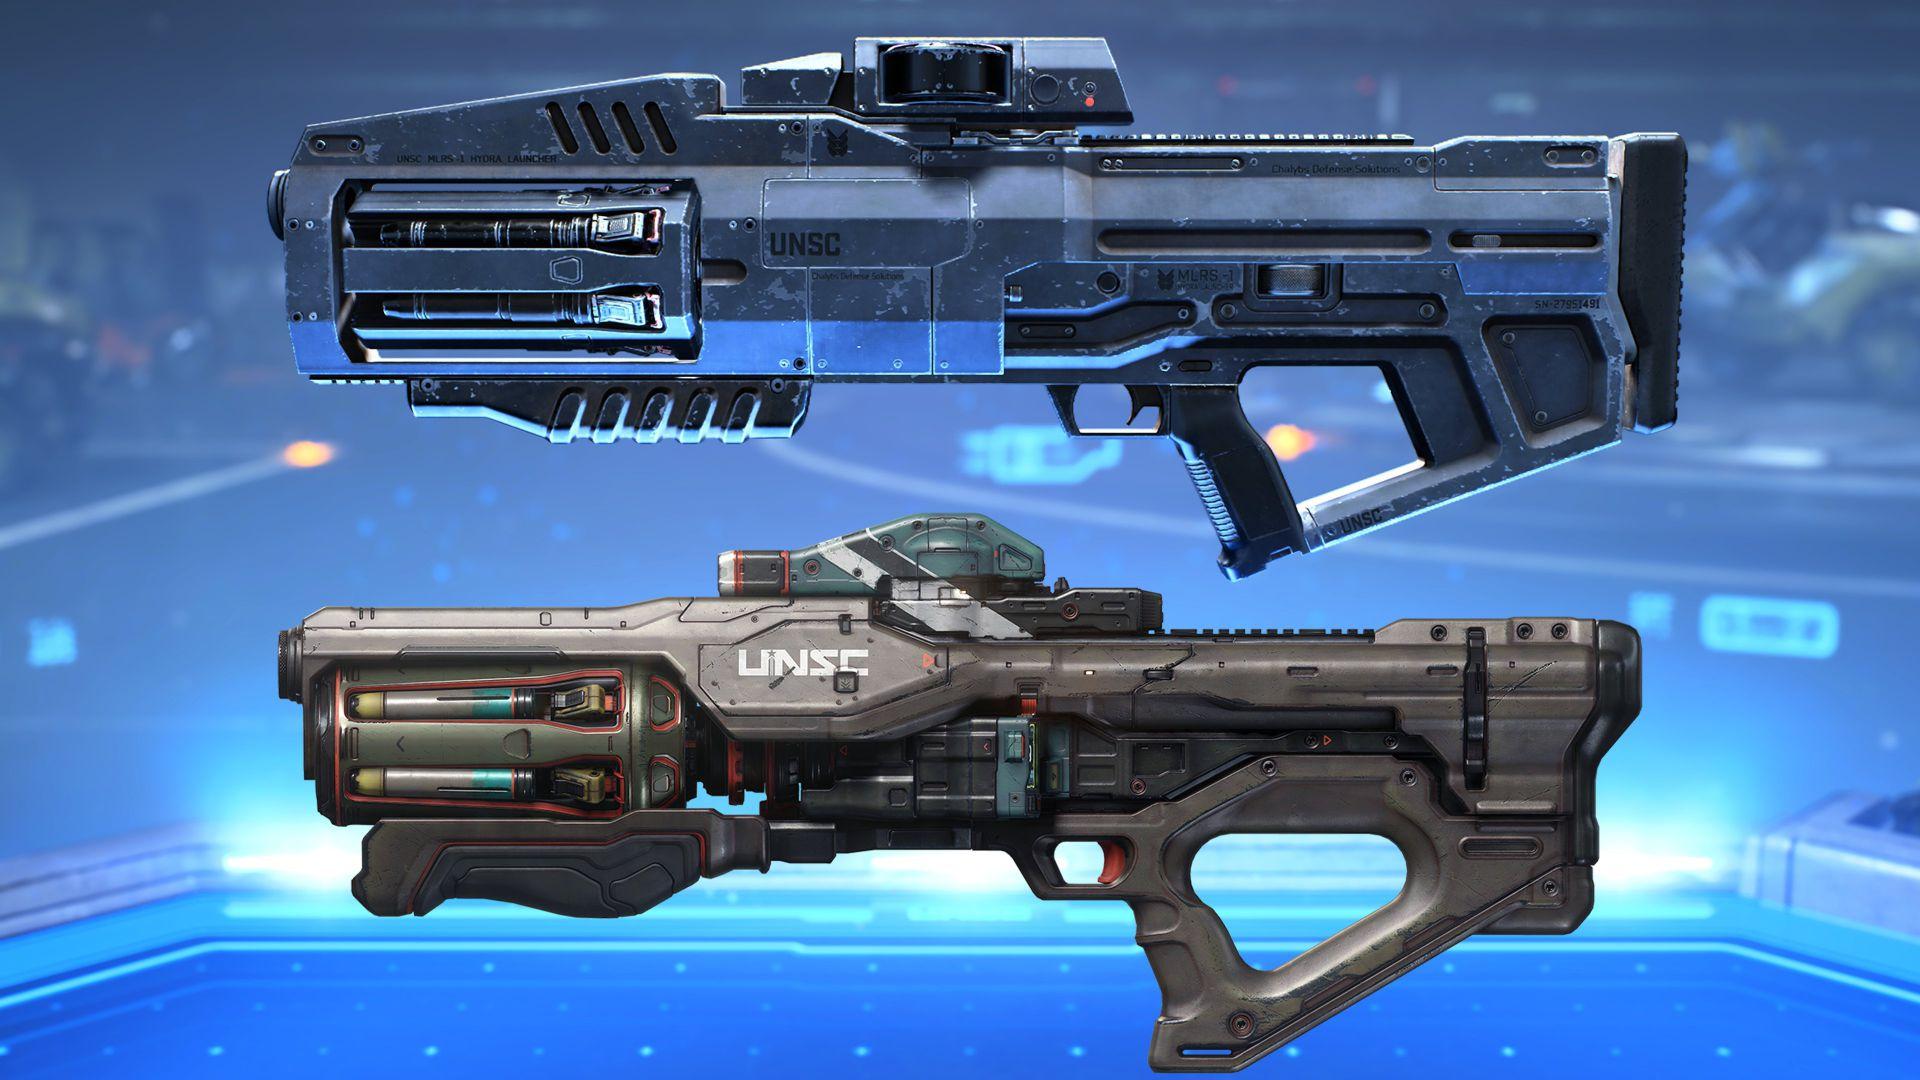 El diseño de las armas en Halo Infinite ha gustado más que lo visto en Halo 5 - Las armas mostradas en Halo Infinite muestran un diseño mucho más vibrante y vivo de lo que hemos visto en la quinta entrega.